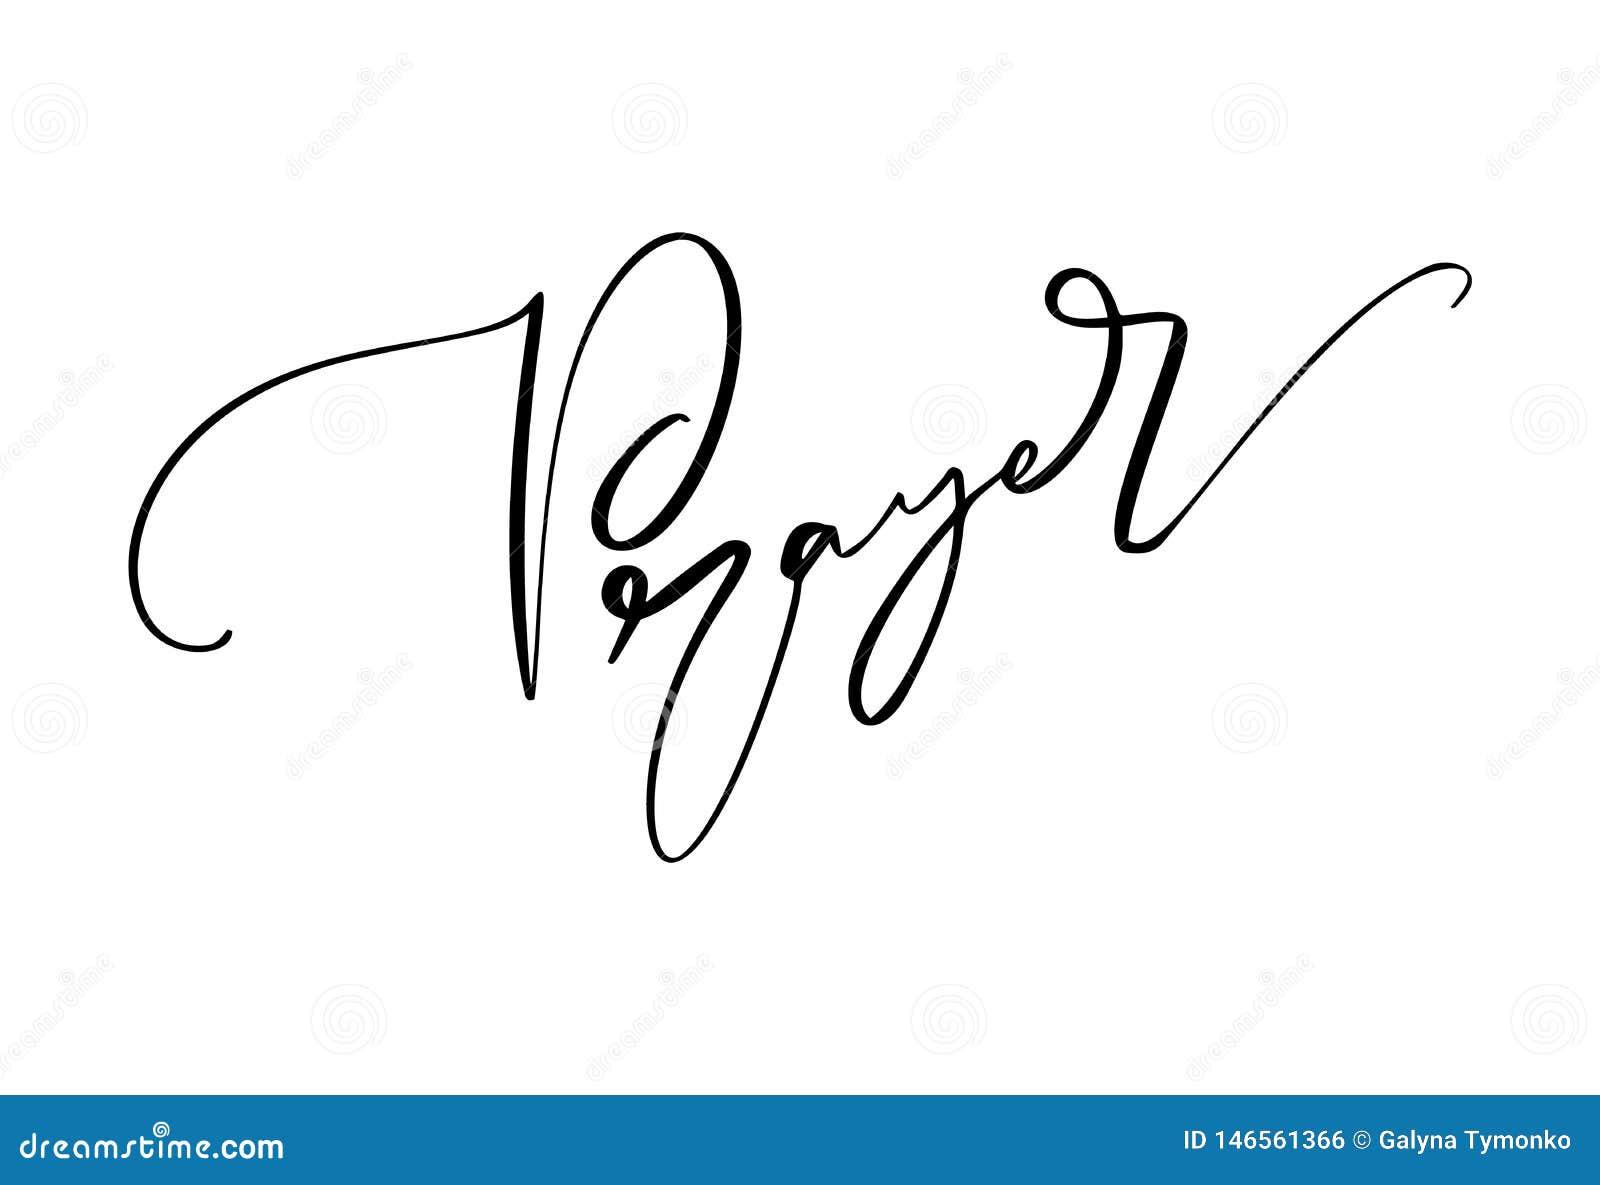 Texto exhausto del rezo de la caligrafía de la mano Letras cristianas de la tipografía, diseño de dibujo para la bandera, cartel,